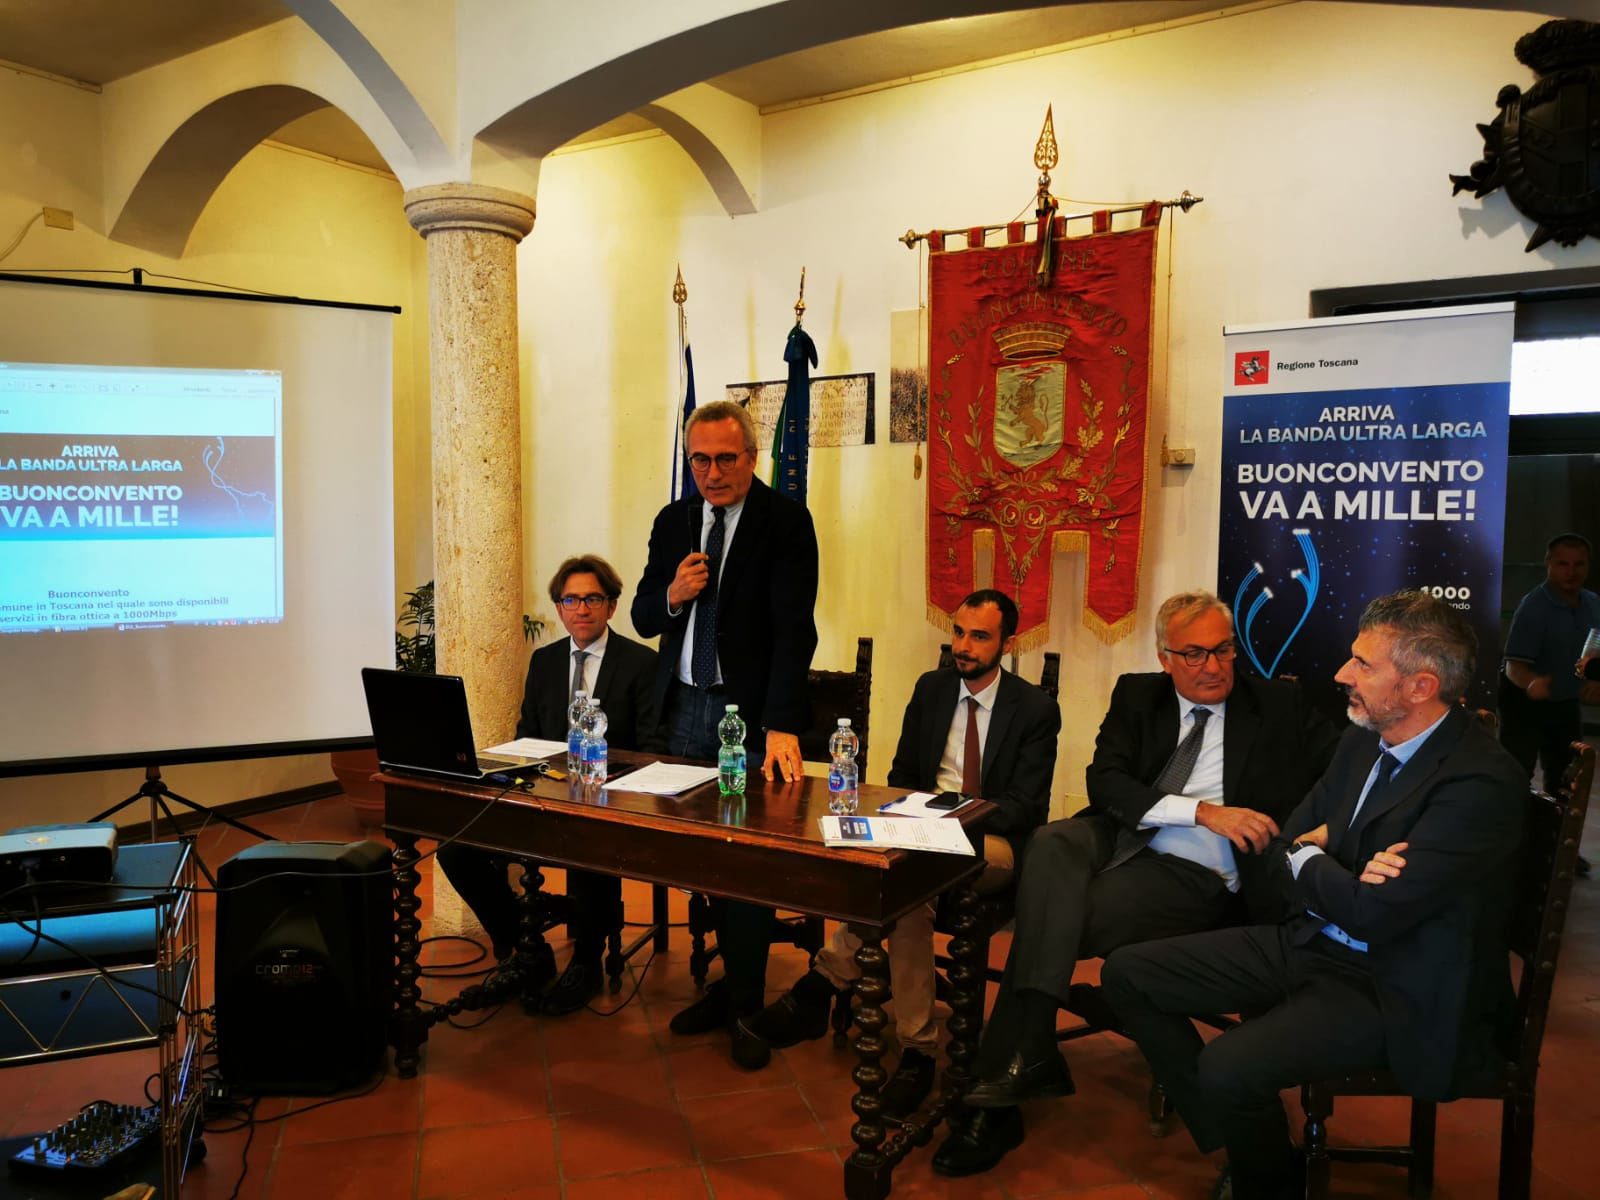 Nella foto, da sinistra il sindaco Riccardo Conti, l'assessore Bugli, l'addetto stampa Open Fiber, Guidi Citerni di Infratel, Marco Gasparini di Open Fiber